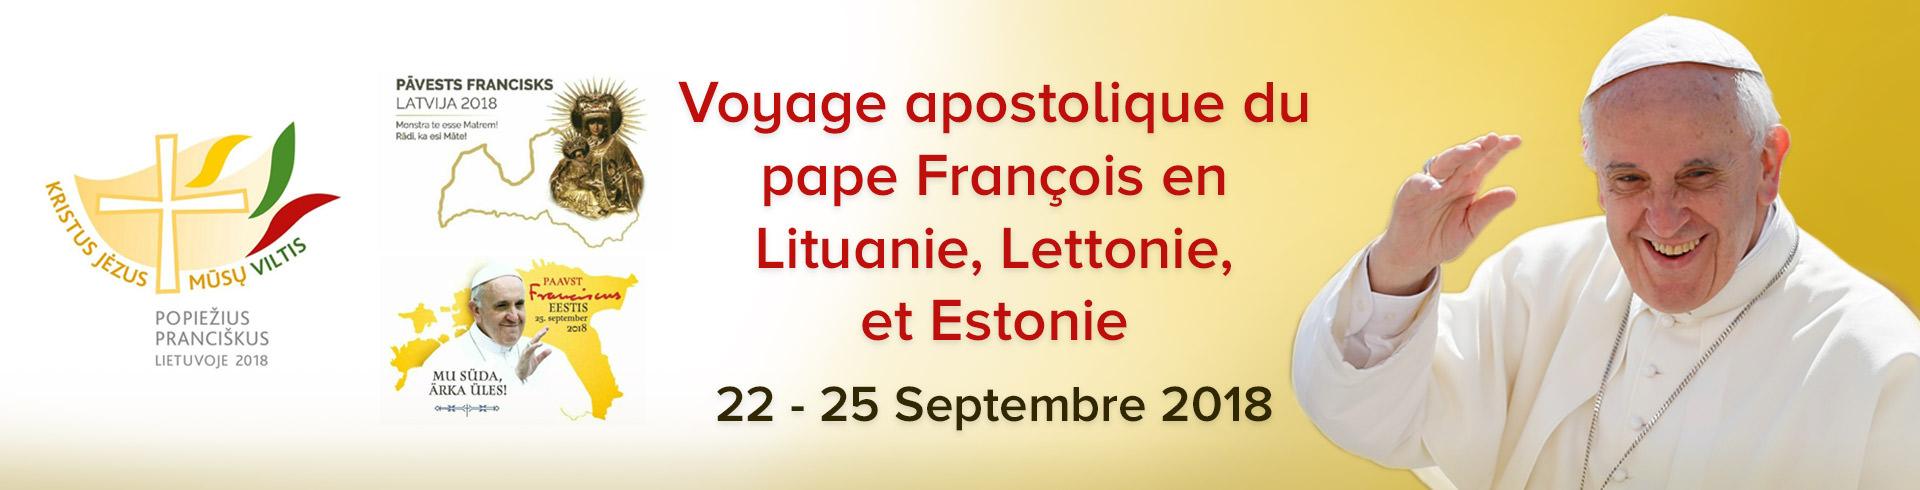 Voyage apostolique du pape François en Lituanie, Lettonie, et Estonie